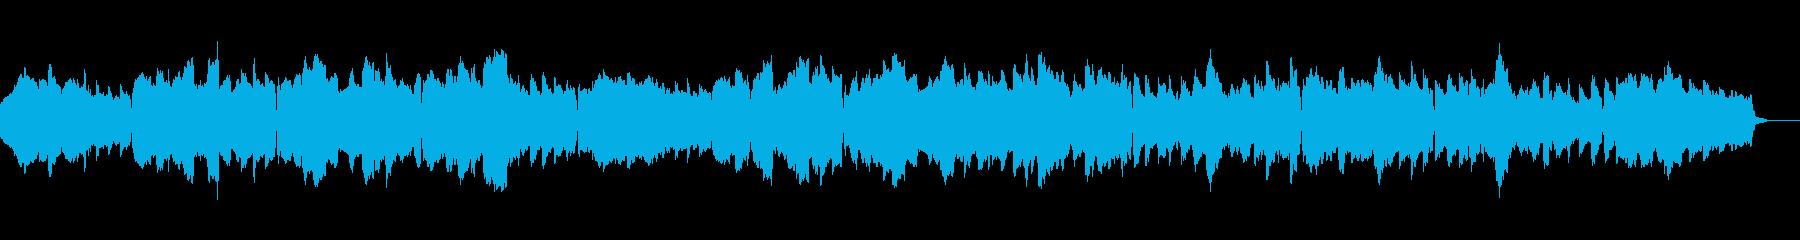 イングリッシュホルンの切ないスローワルツの再生済みの波形